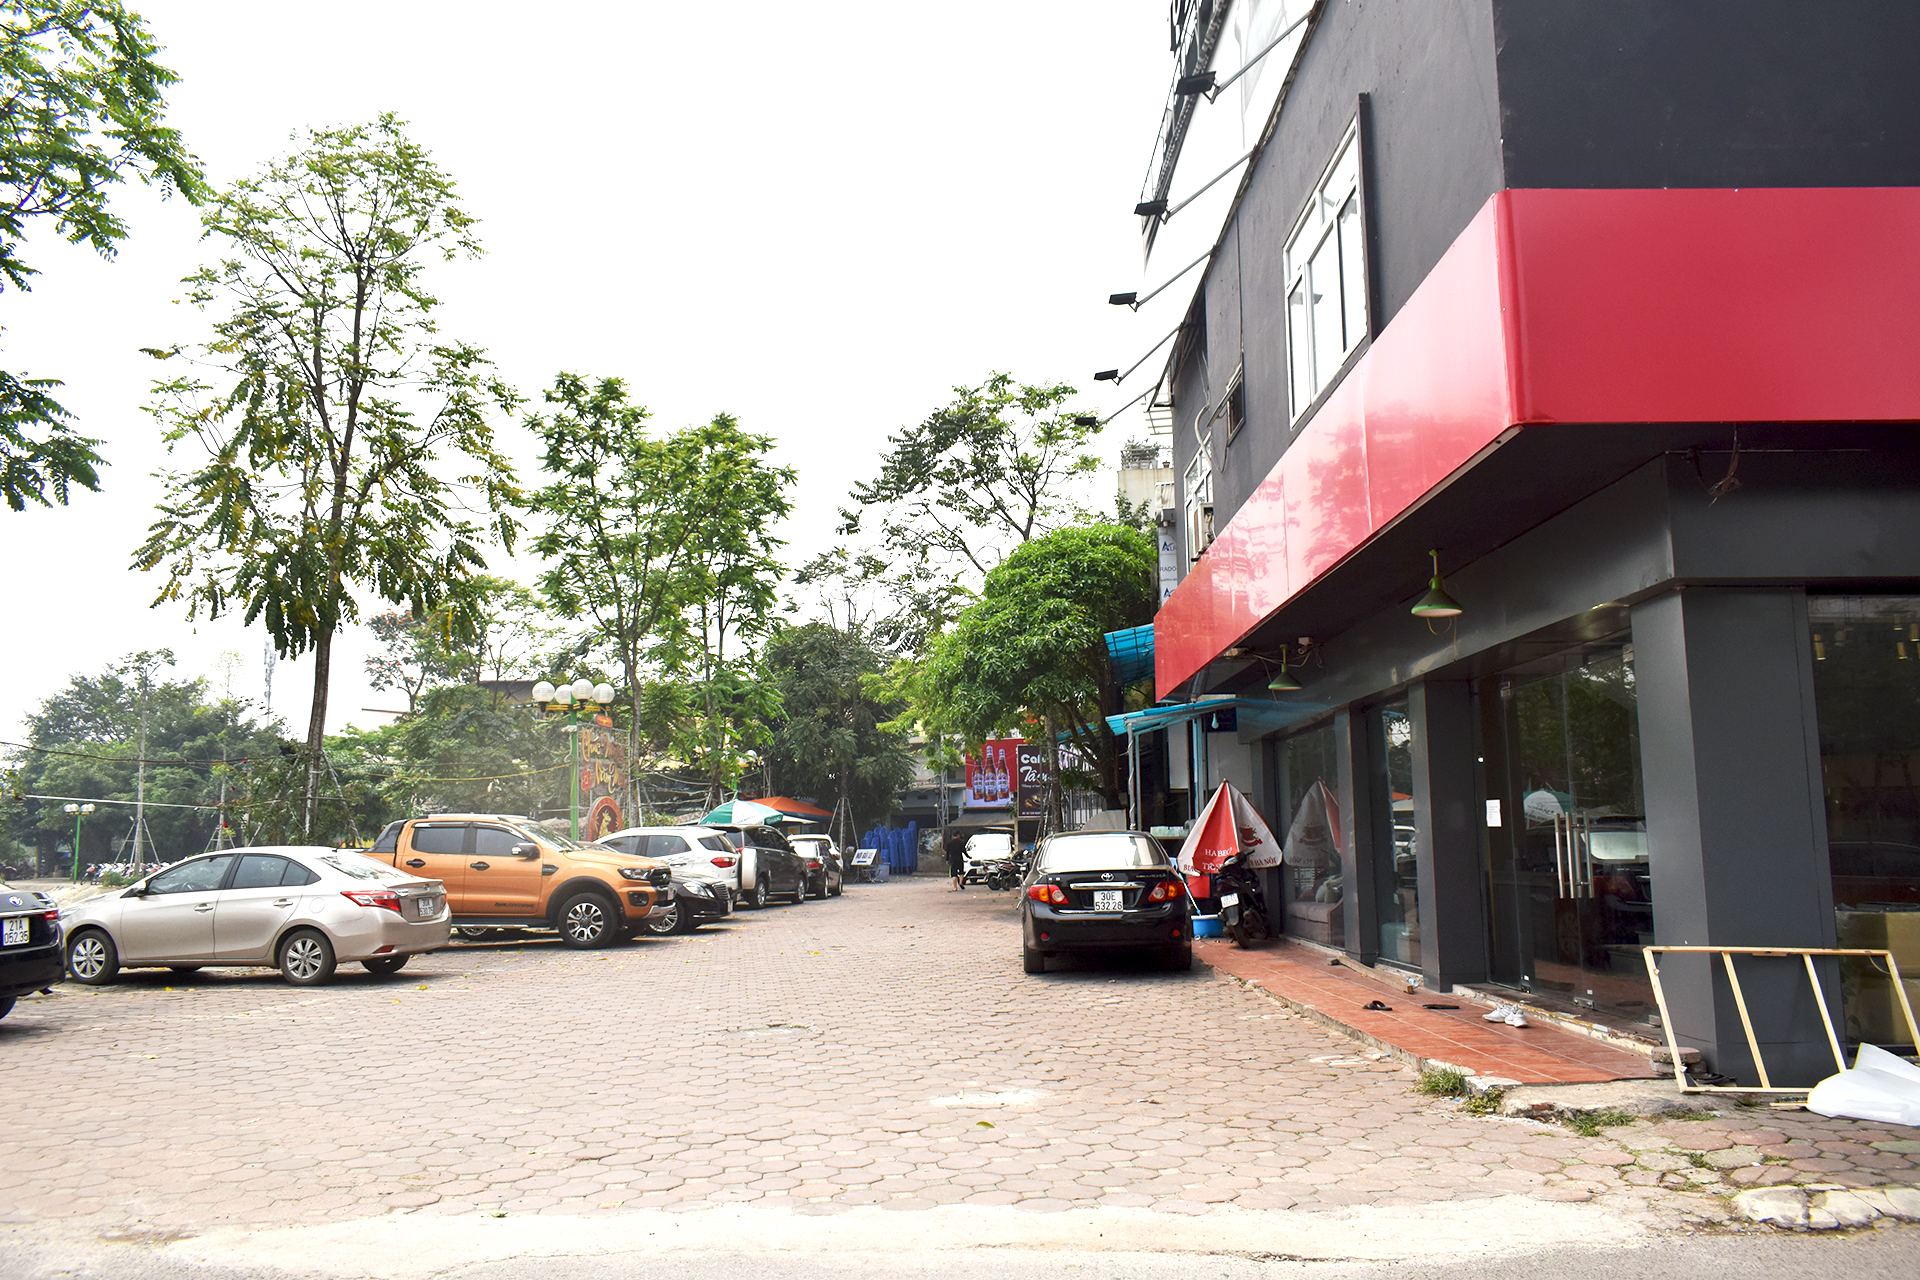 Hai khu đất dính quy hoạch ở phường Phương Liệt, Thanh Xuân, Hà Nội - Ảnh 5.